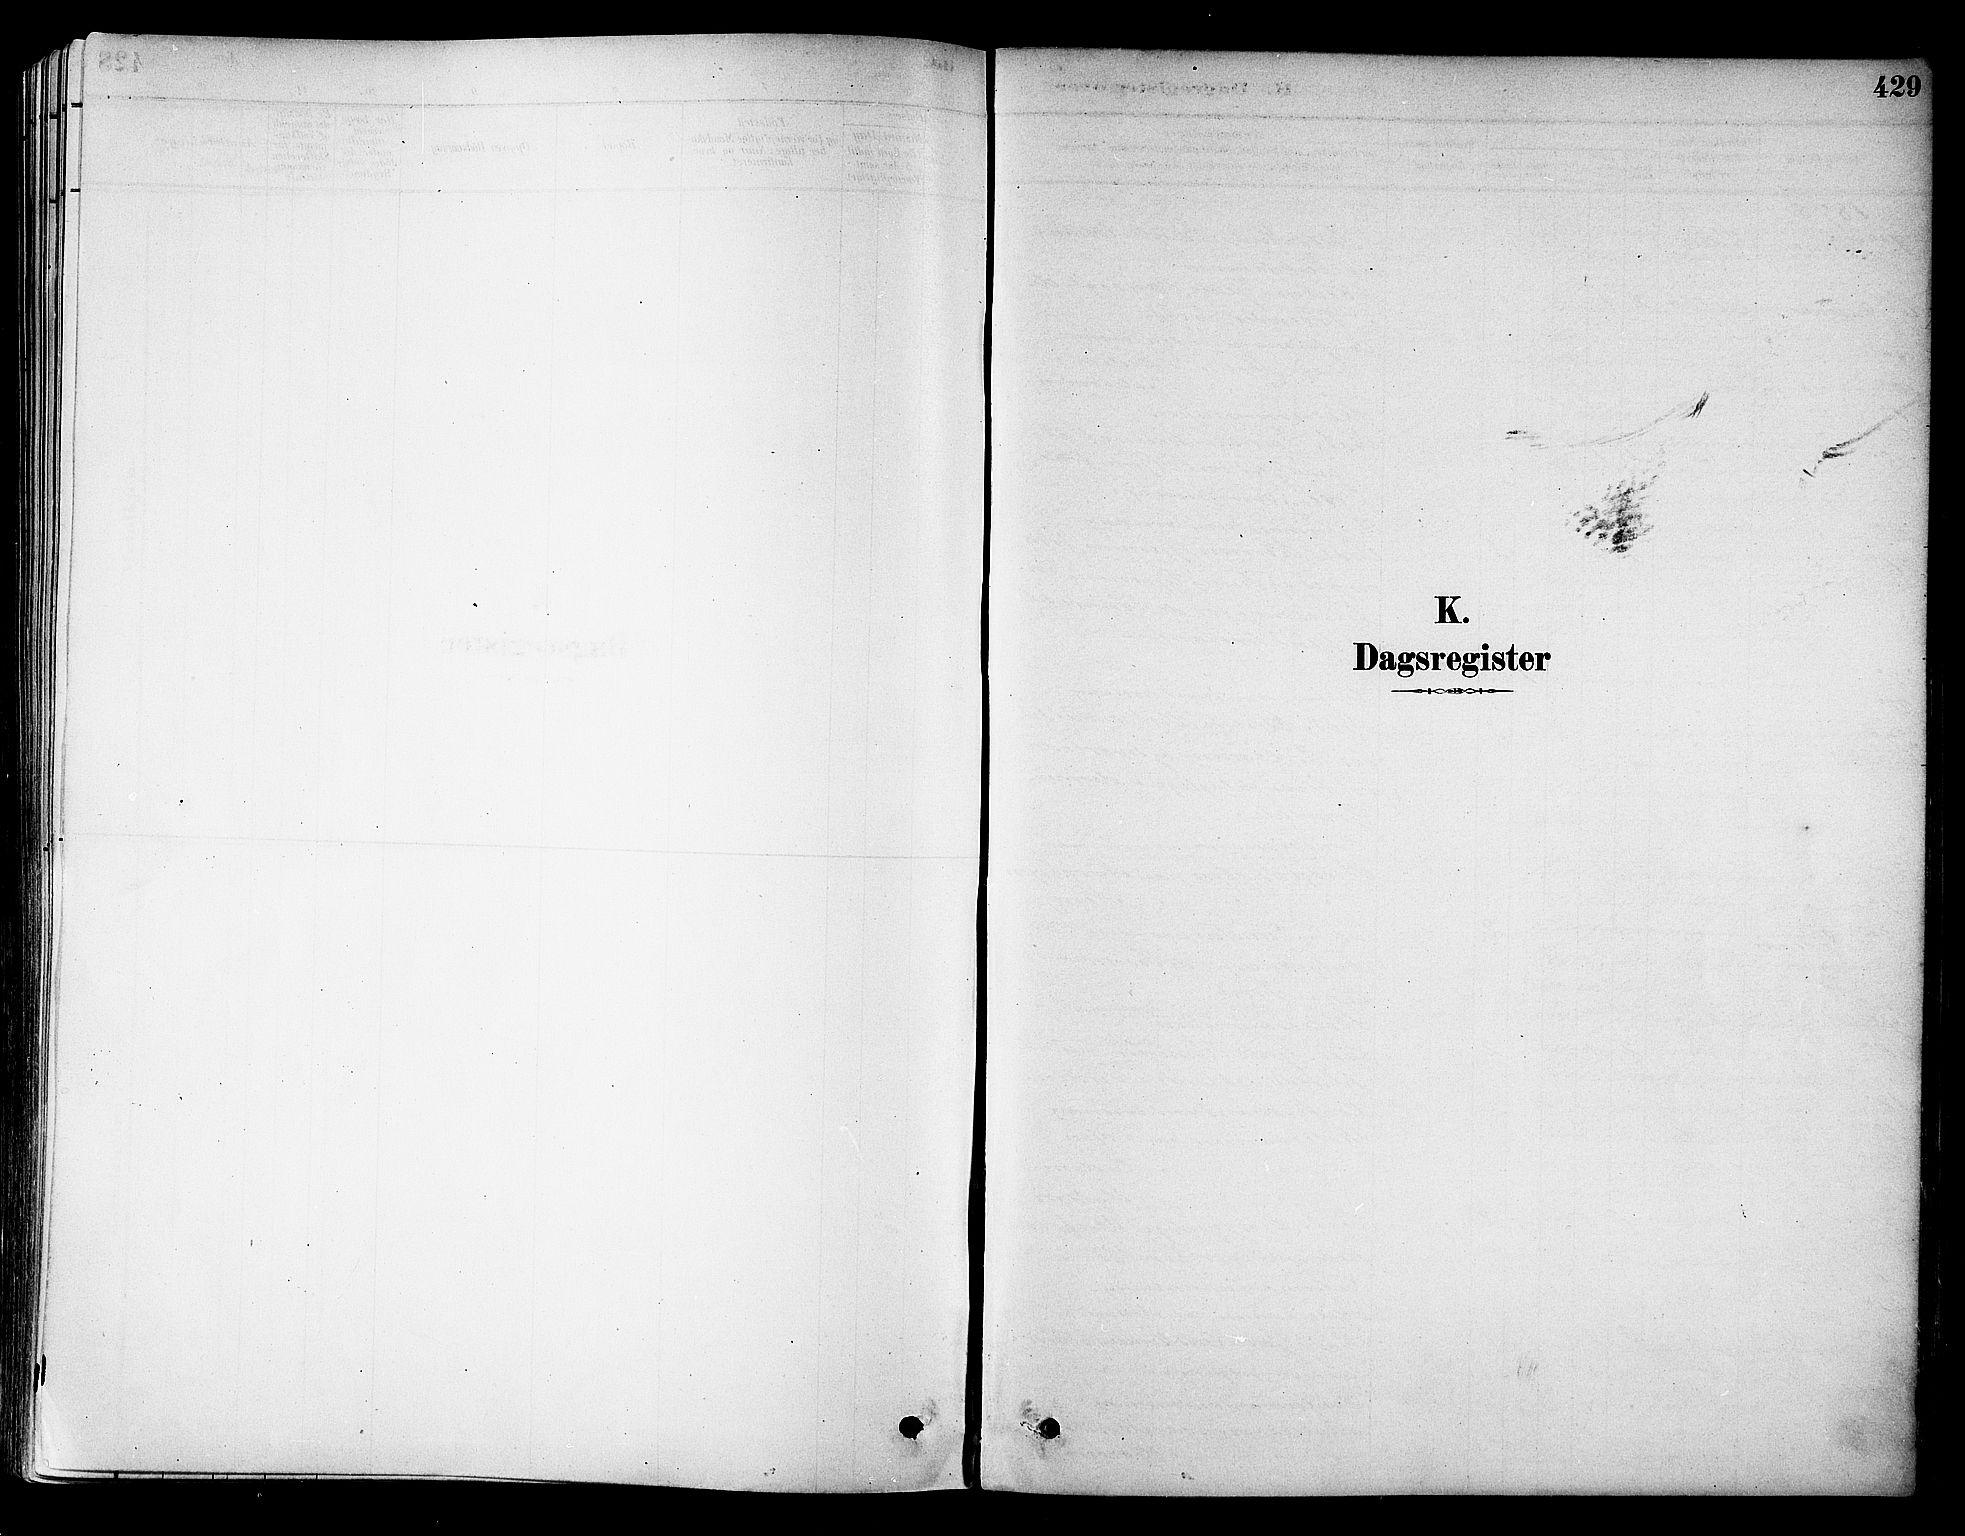 SAT, Ministerialprotokoller, klokkerbøker og fødselsregistre - Sør-Trøndelag, 695/L1148: Ministerialbok nr. 695A08, 1878-1891, s. 429